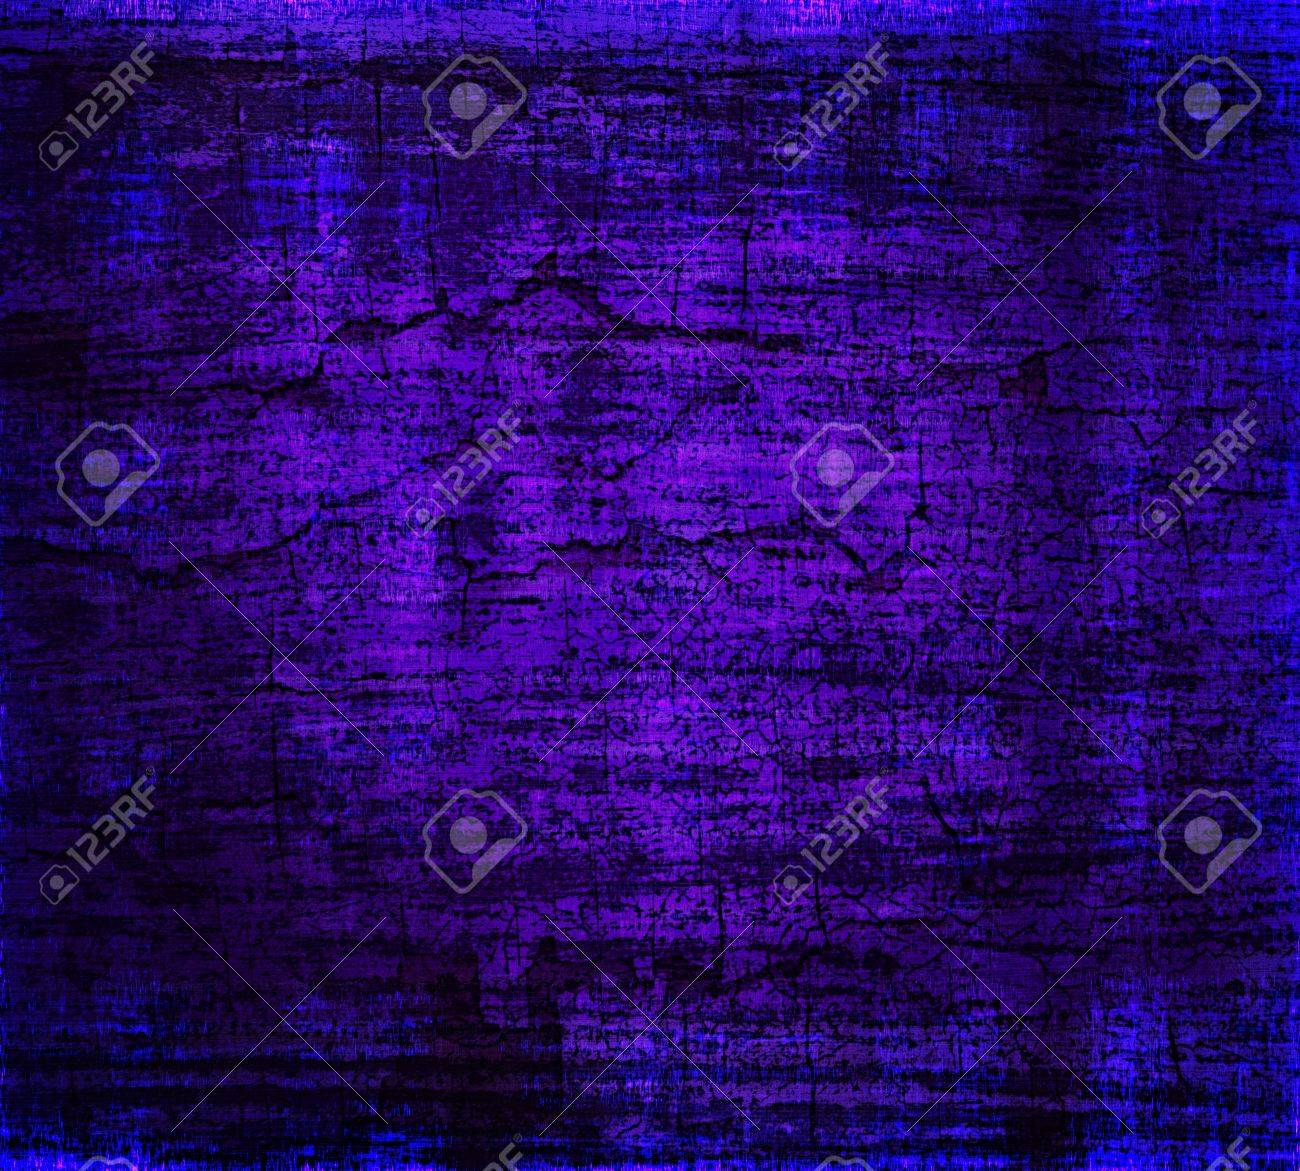 Grunge Lila Blau Gestrichene Wand Textur Hintergrund Lizenzfreie Bilder    14267374